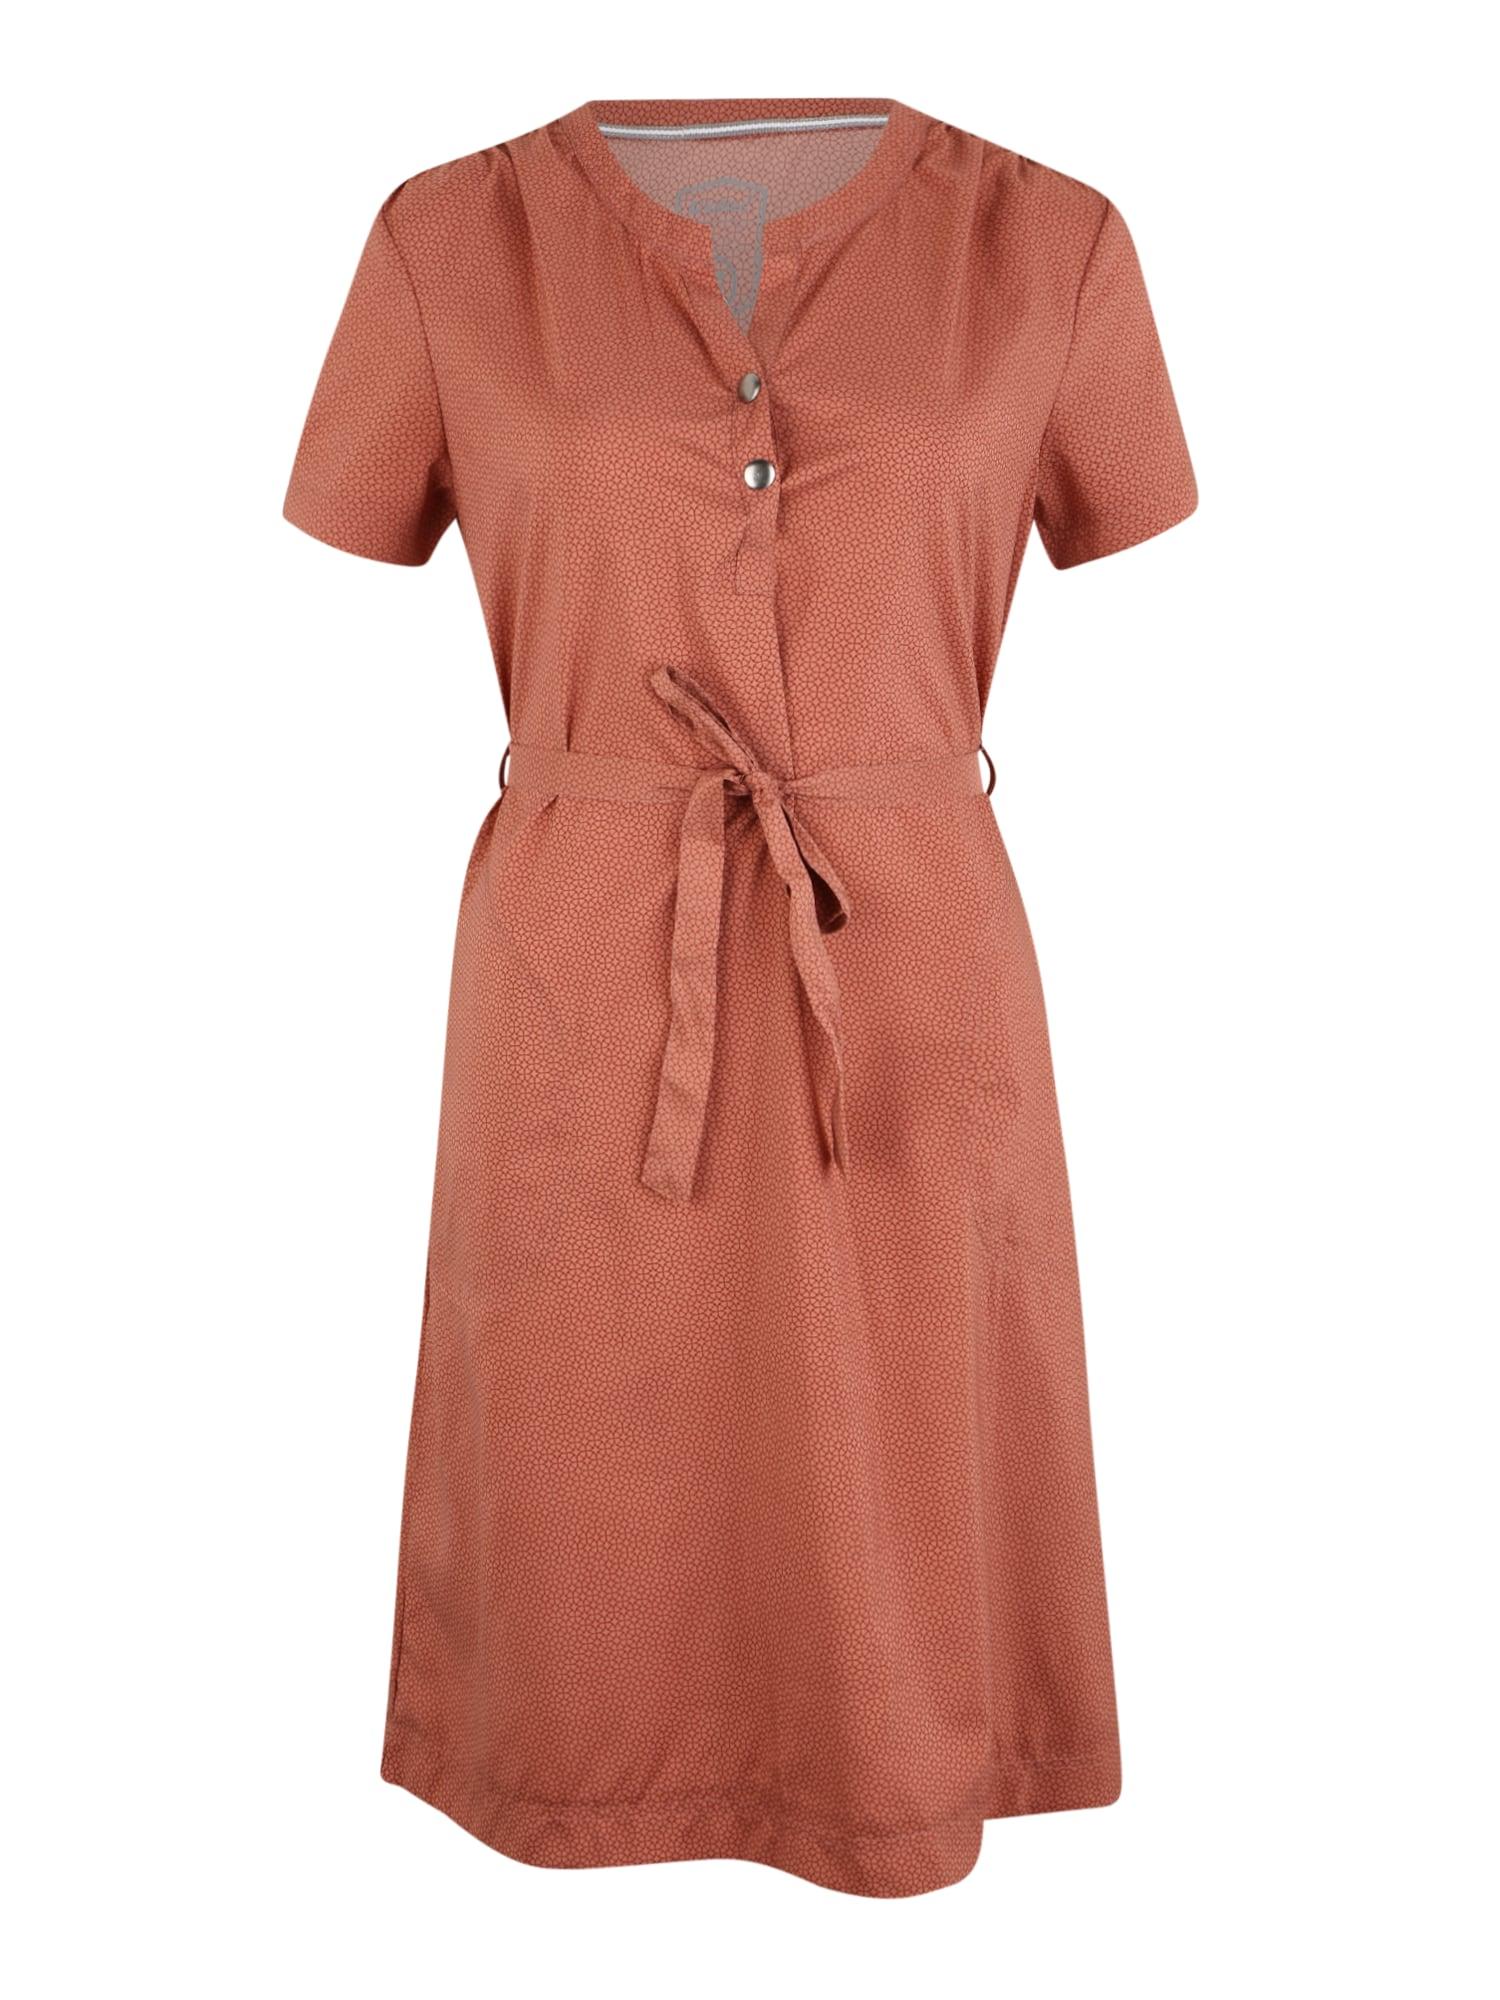 KILLTEC Sportinė suknelė 'Ebba' rožinė